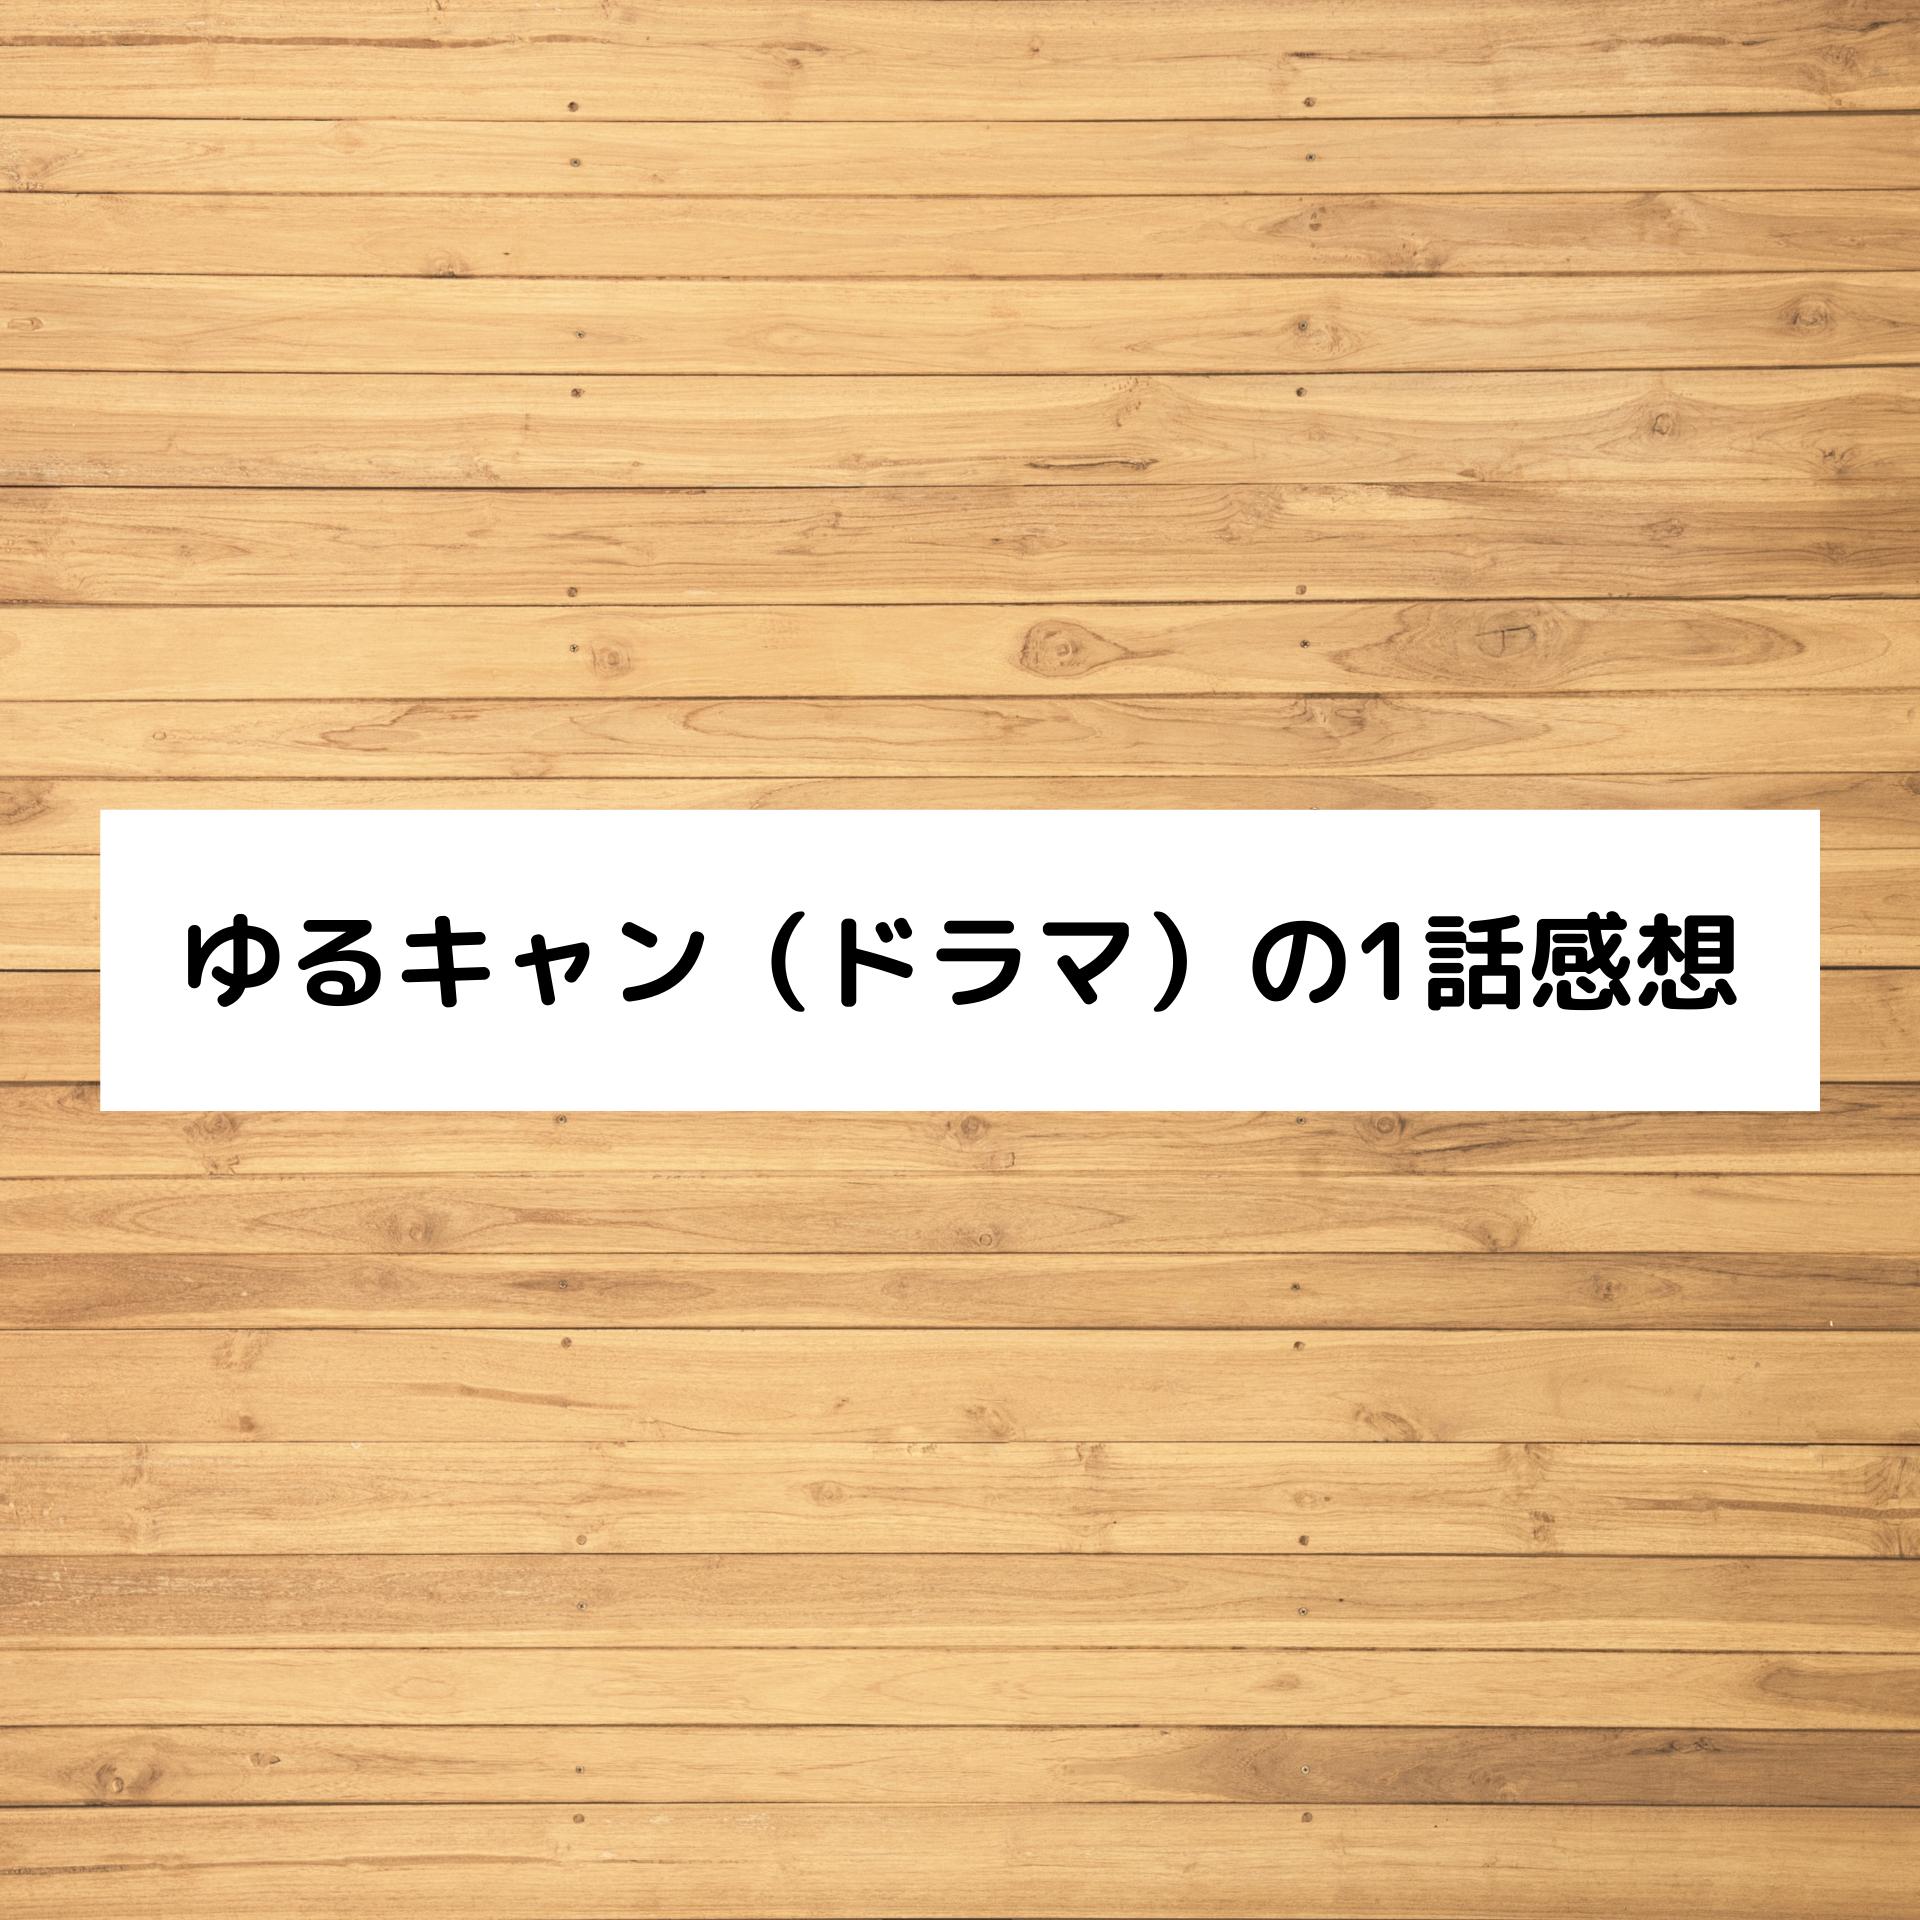 ゆるキャン(ドラマ)の1話感想